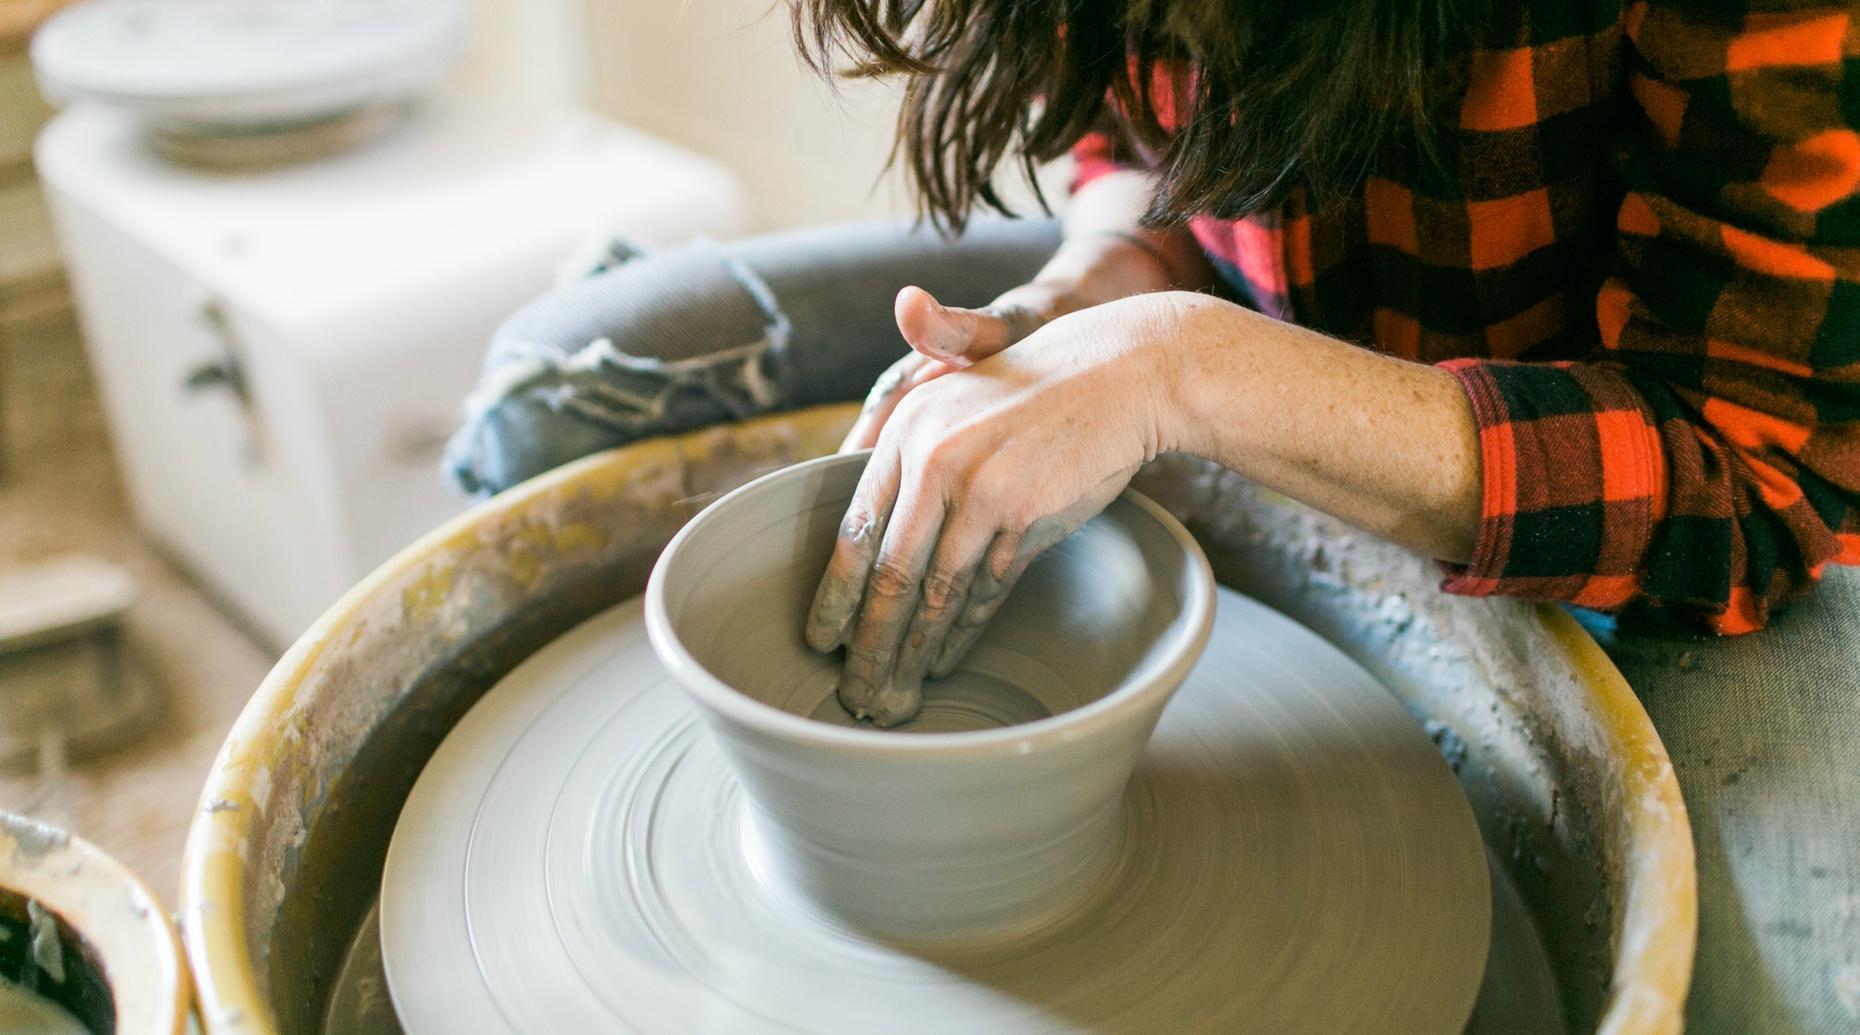 Pottery Wheel Class in Ellicott City